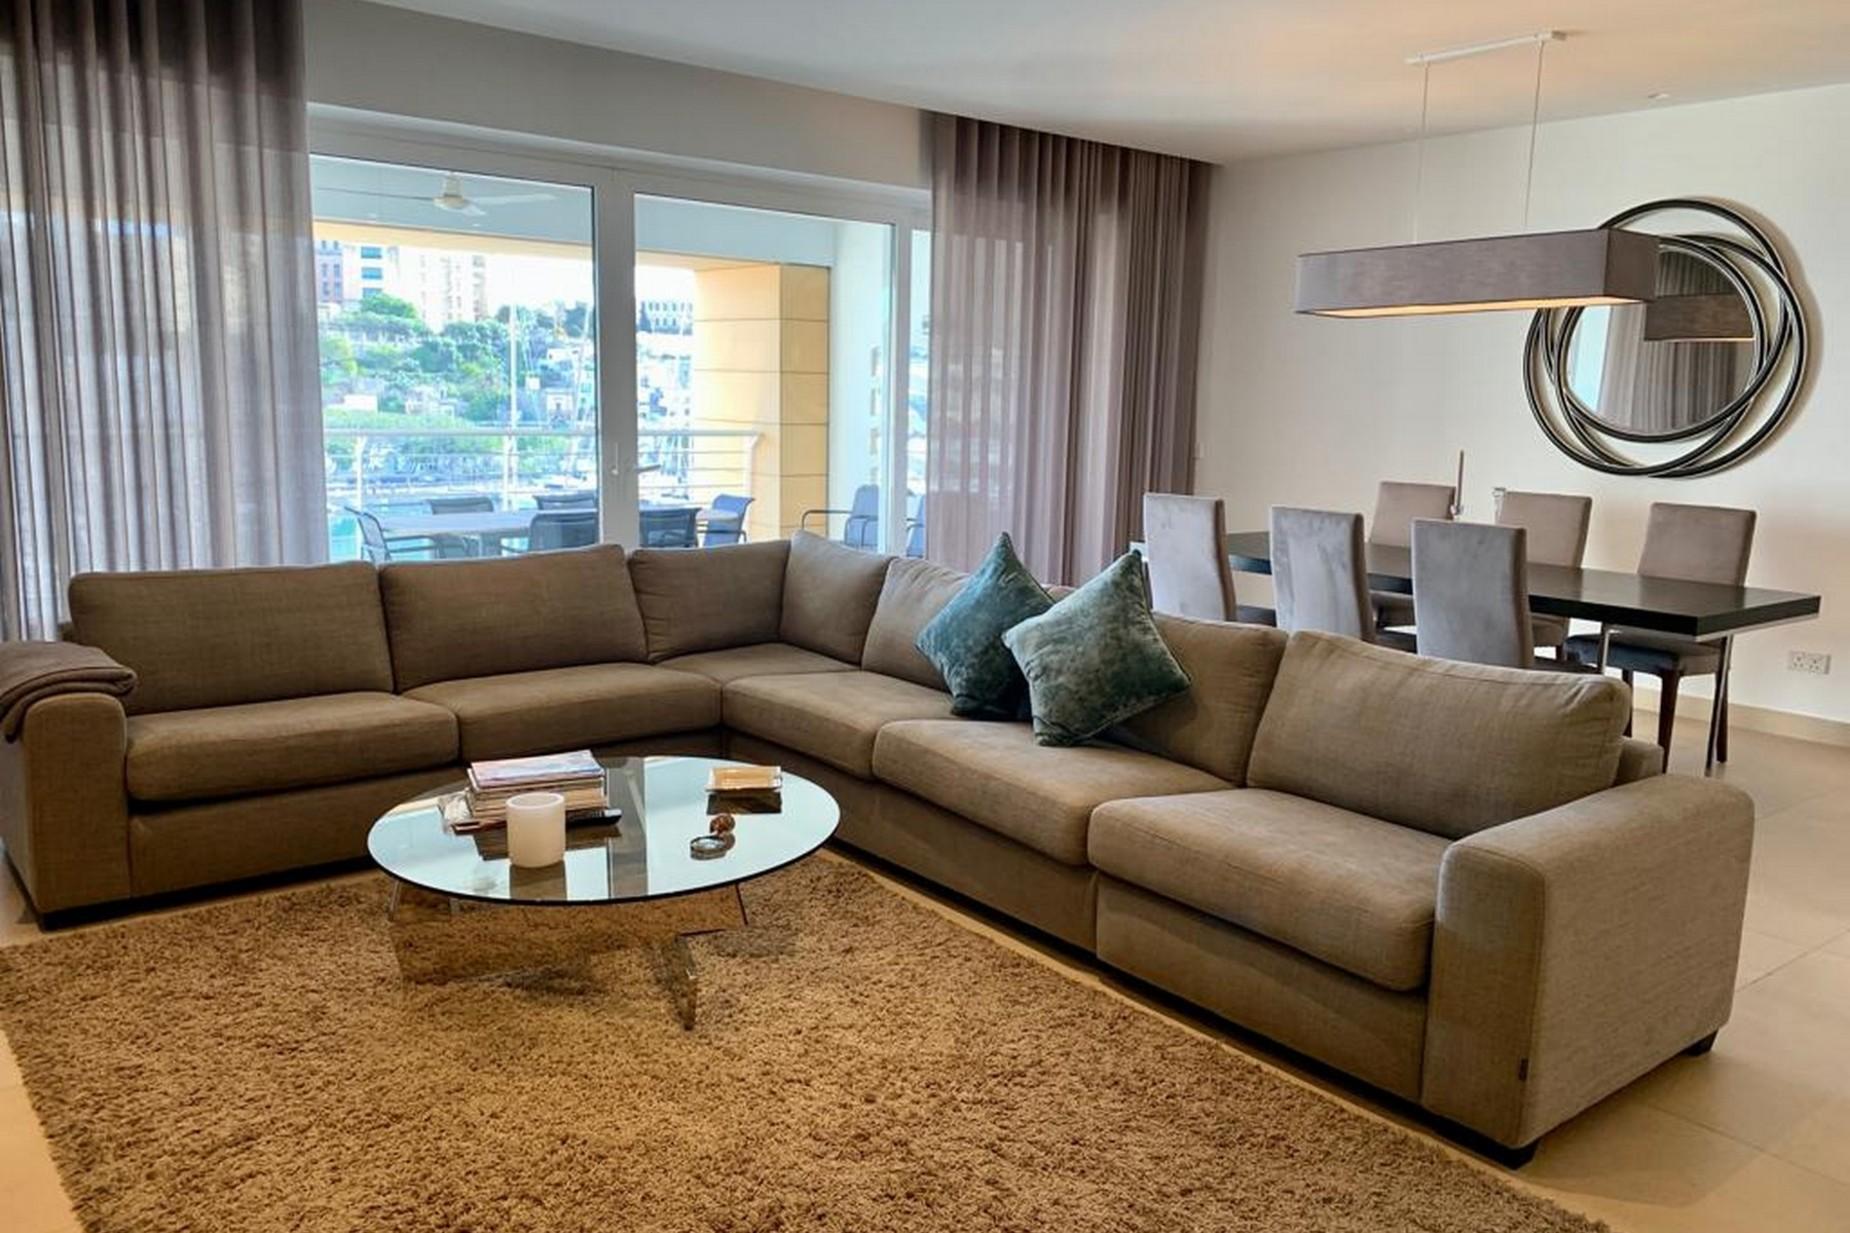 3 bed Apartment For Rent in Ta' Xbiex, Ta' Xbiex - thumb 25